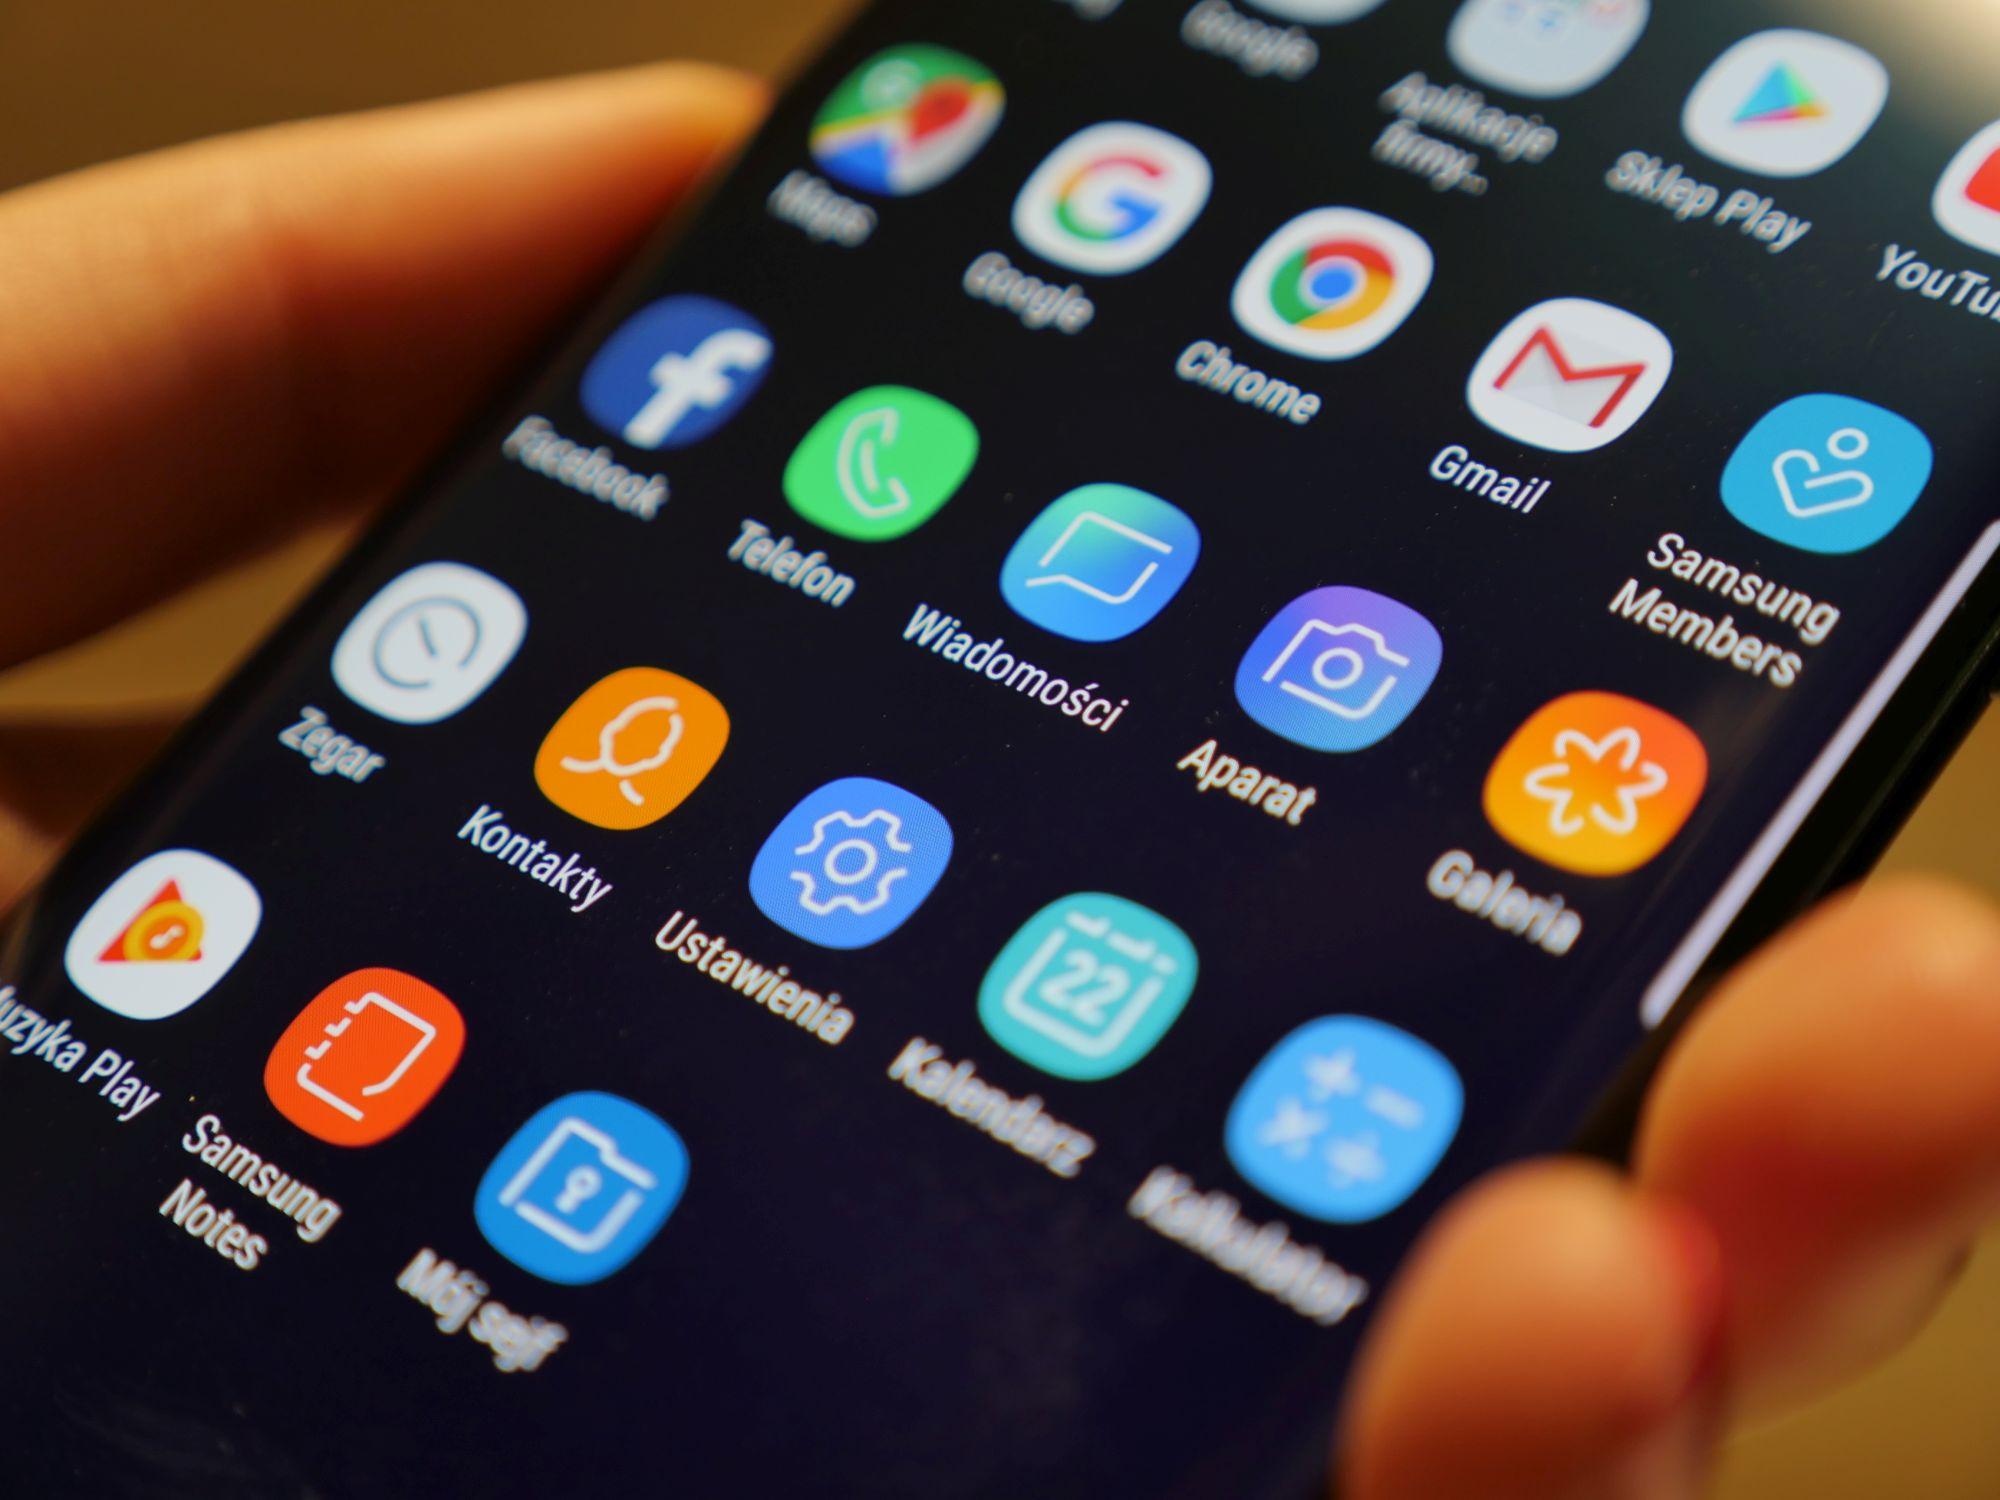 Twój Samsung czeka na nowsze poprawki zabezpieczeń? Sprawdź, kiedy je dostaniesz, jeśli w ogóle 21